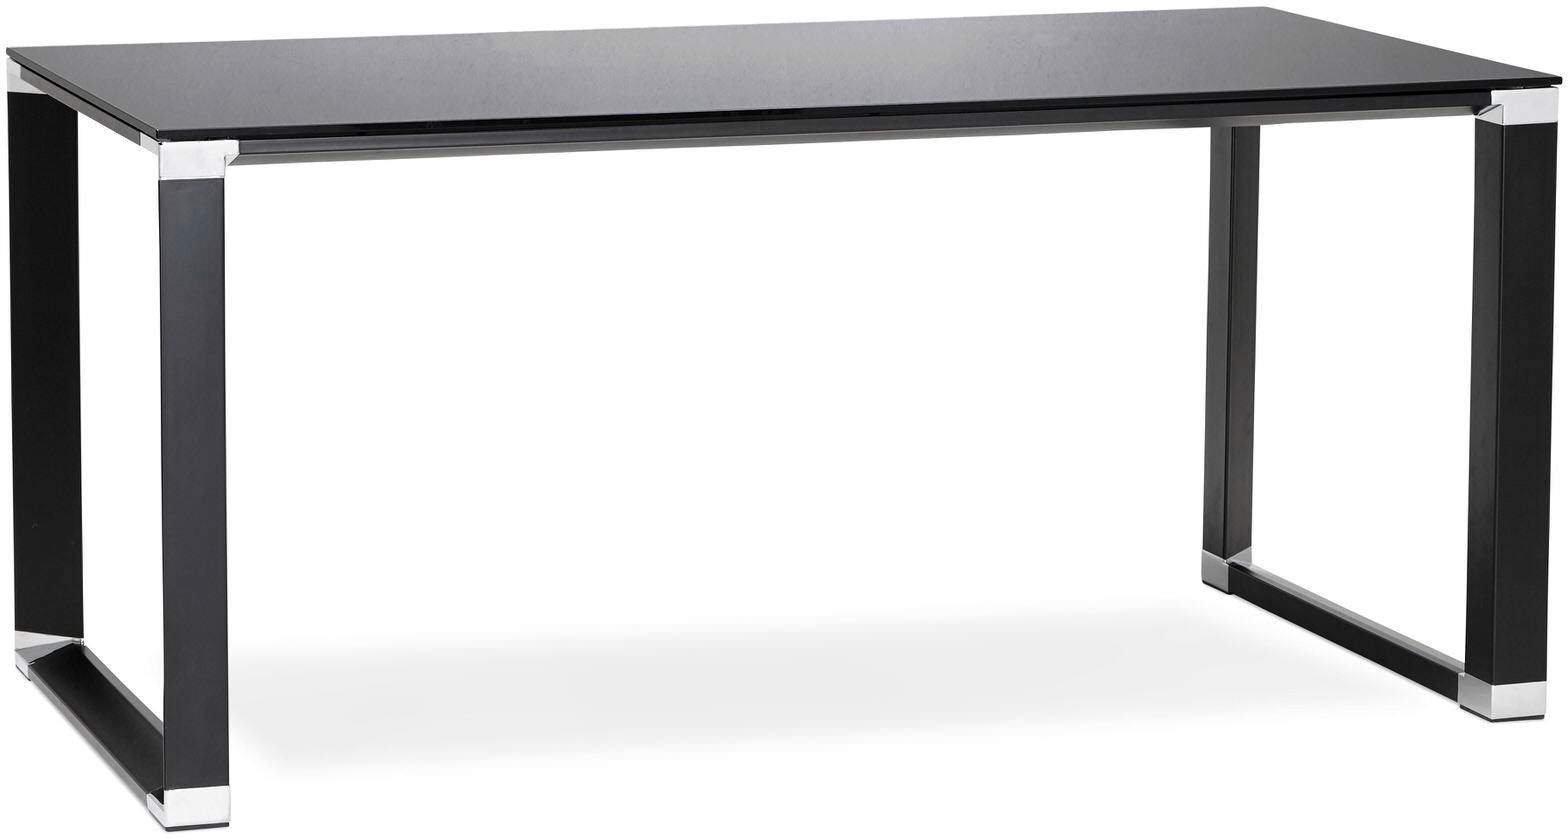 Bureau design warner kokoon design à 540 61 u20ac chez recollection